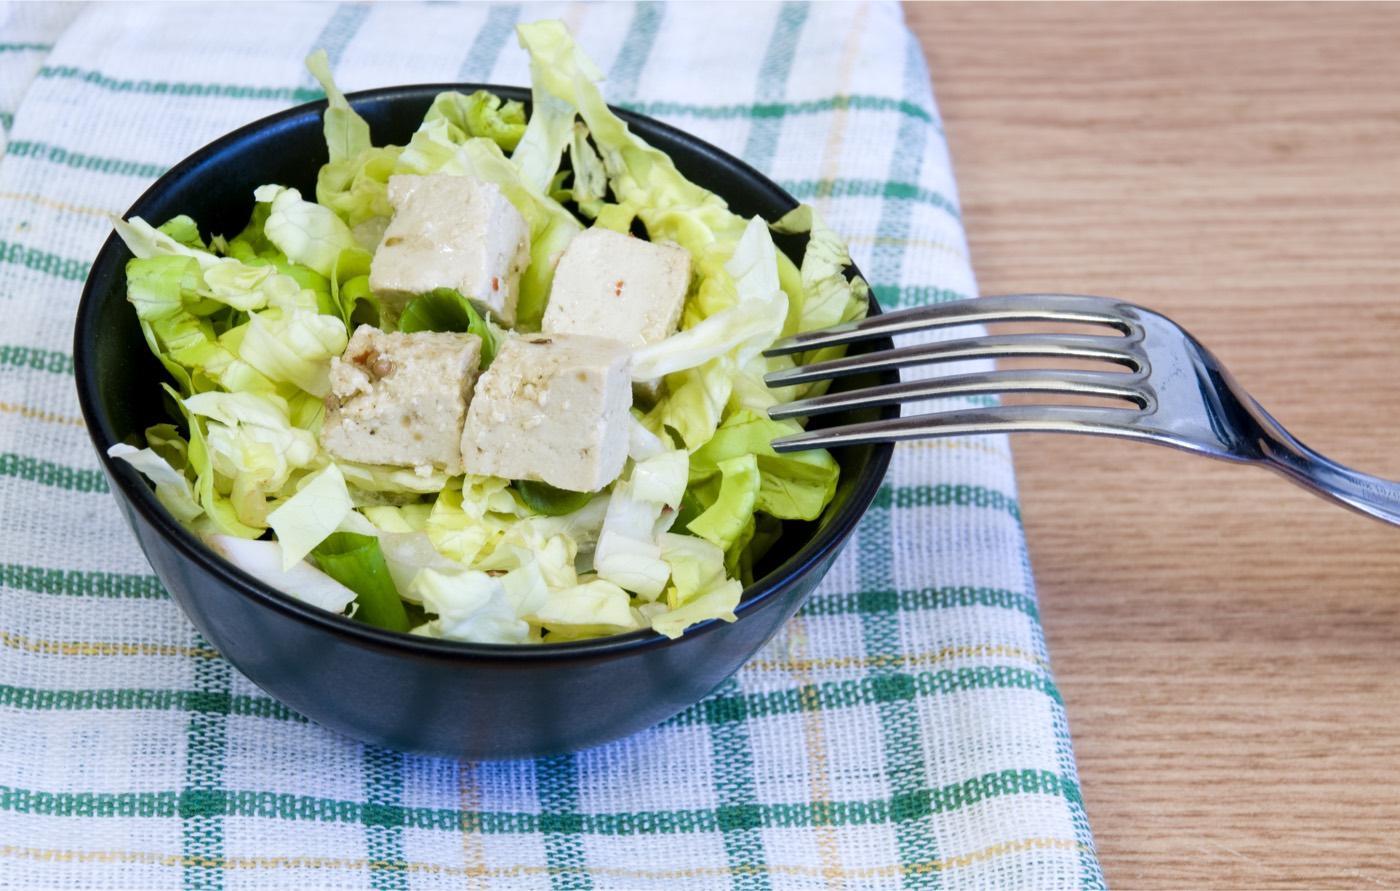 Scopri la ricetta semplice per preparare Insalata mista vegana con tofu e rucola fresca